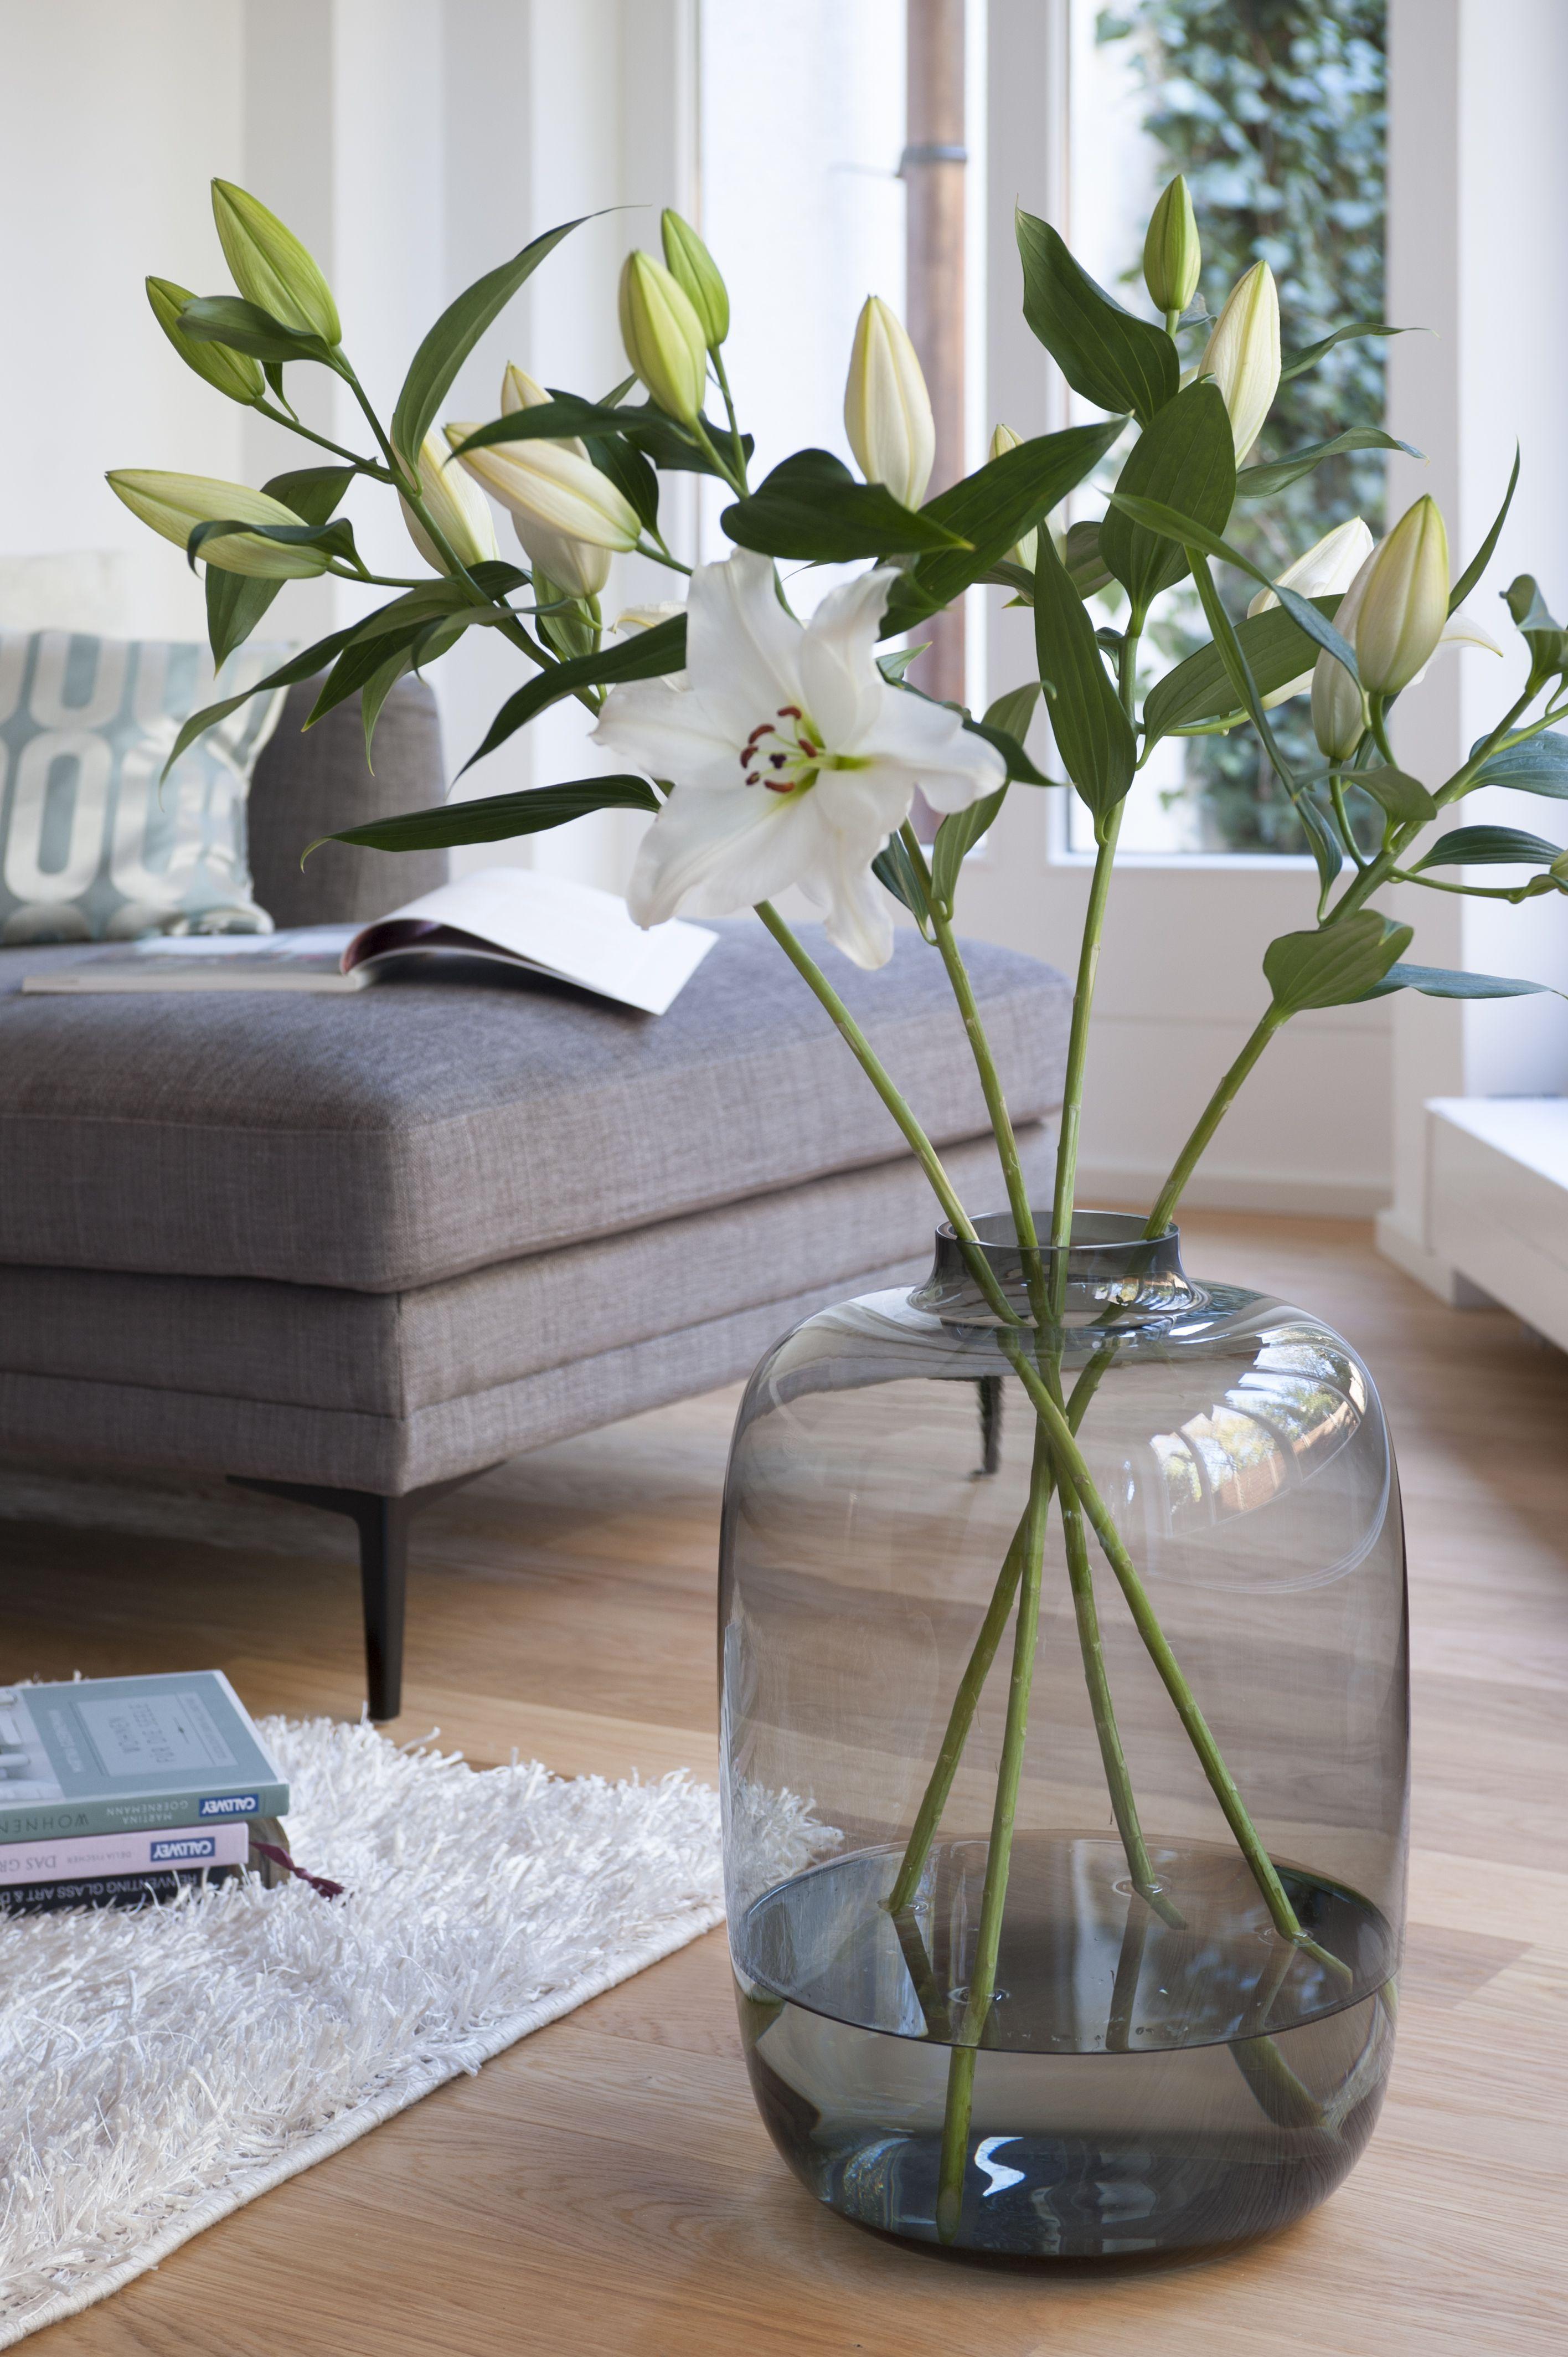 dekoration wohnzimmer vasen  Vases decor, Home decor, Decor